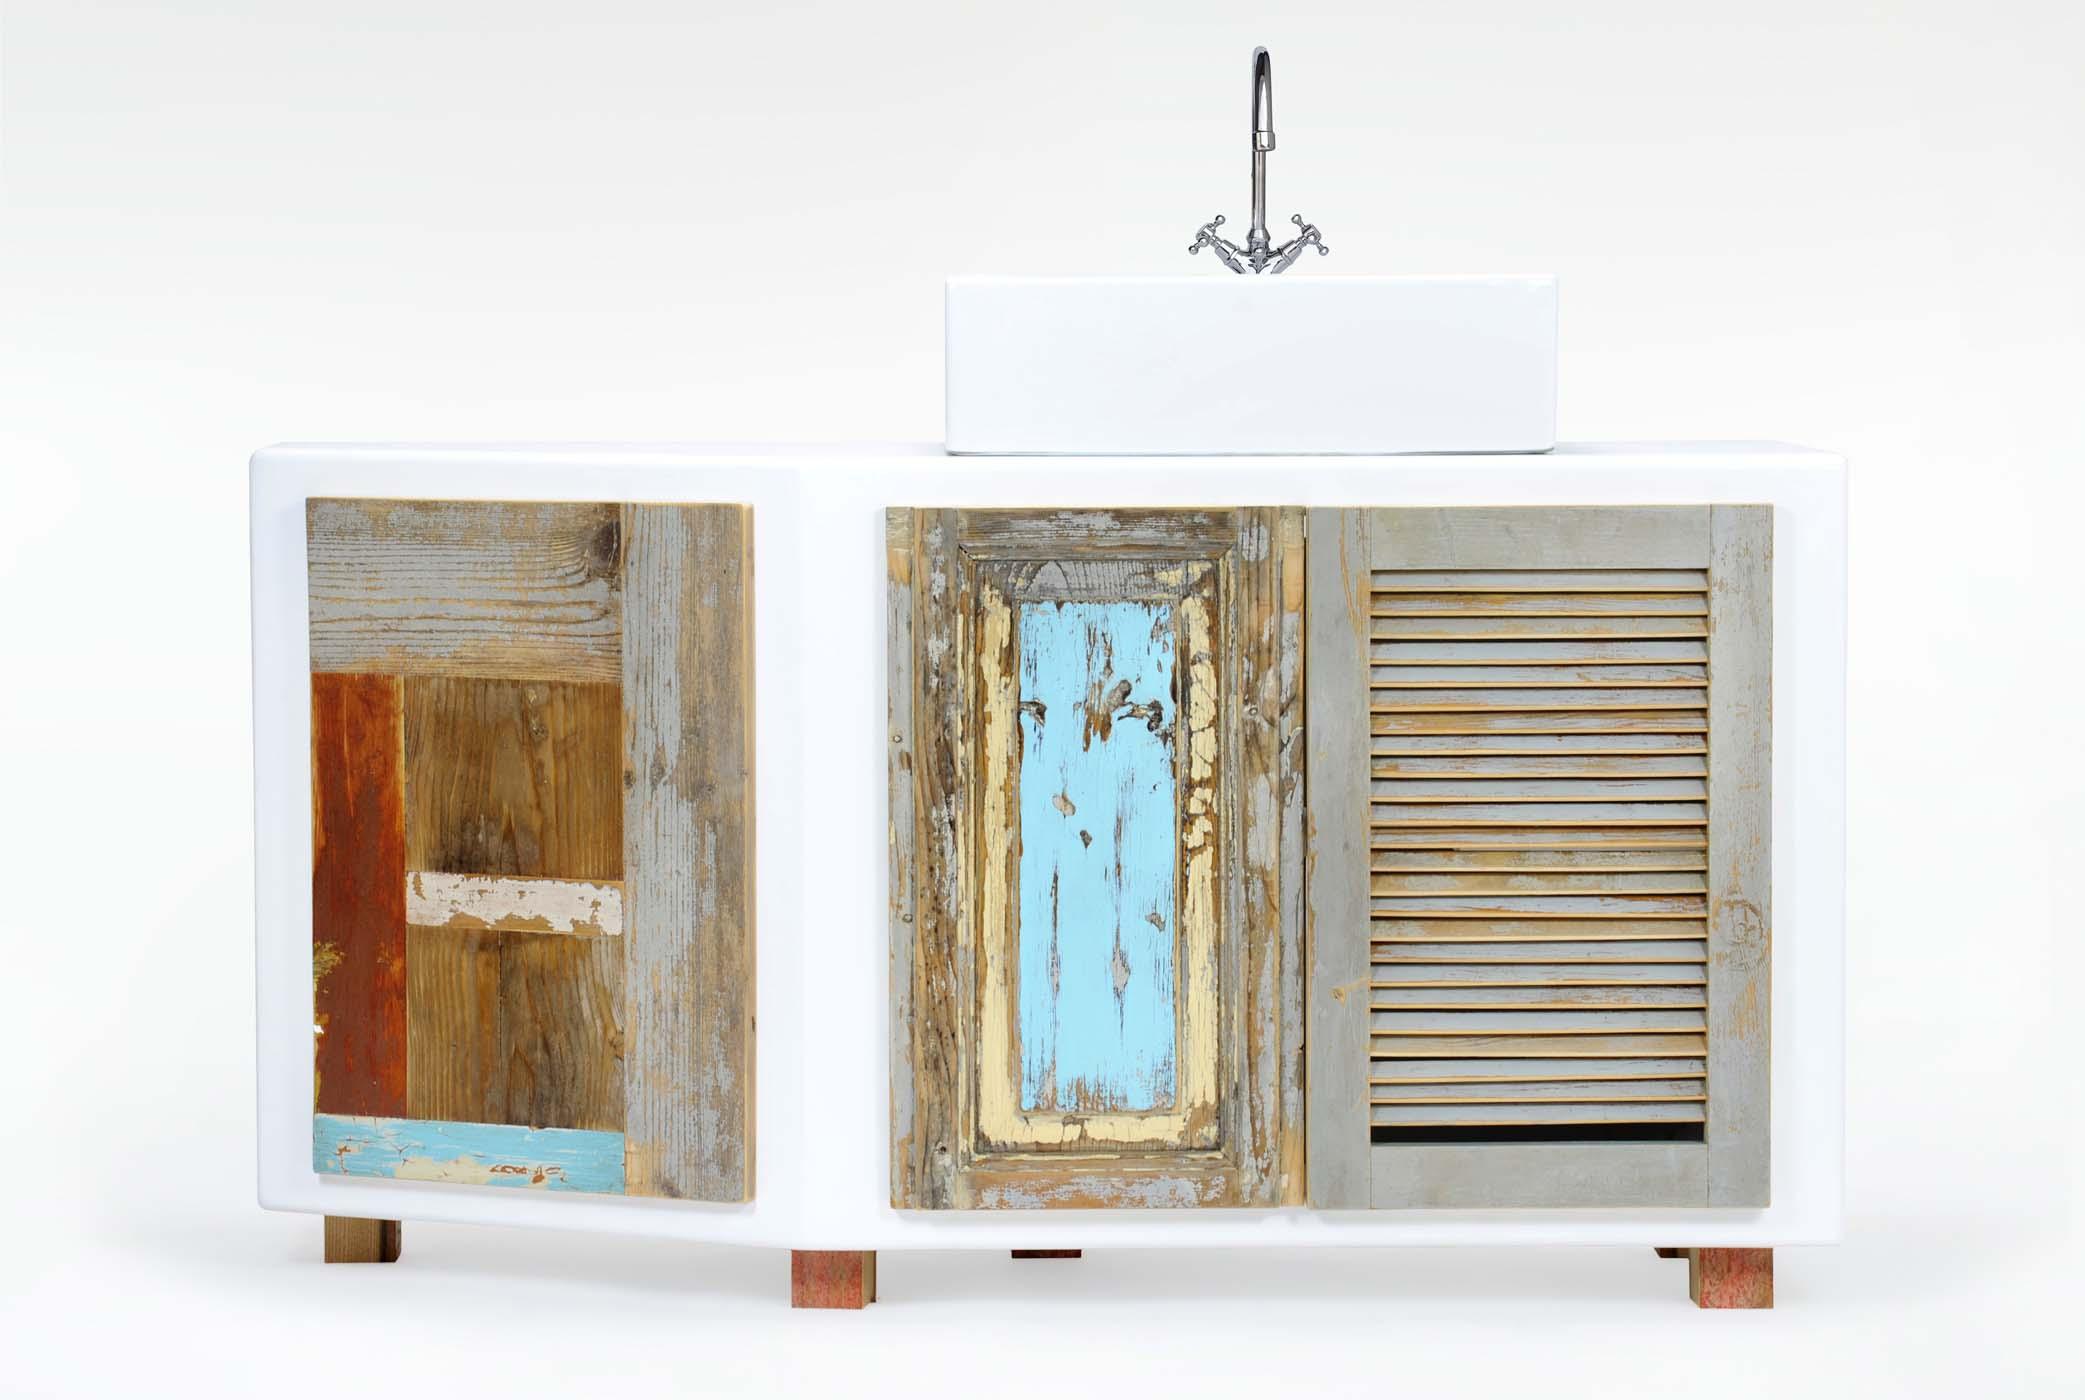 Mobiletto per il bagno laccato bianco e parti in legno riciclato originale. Mobile bagno su misura